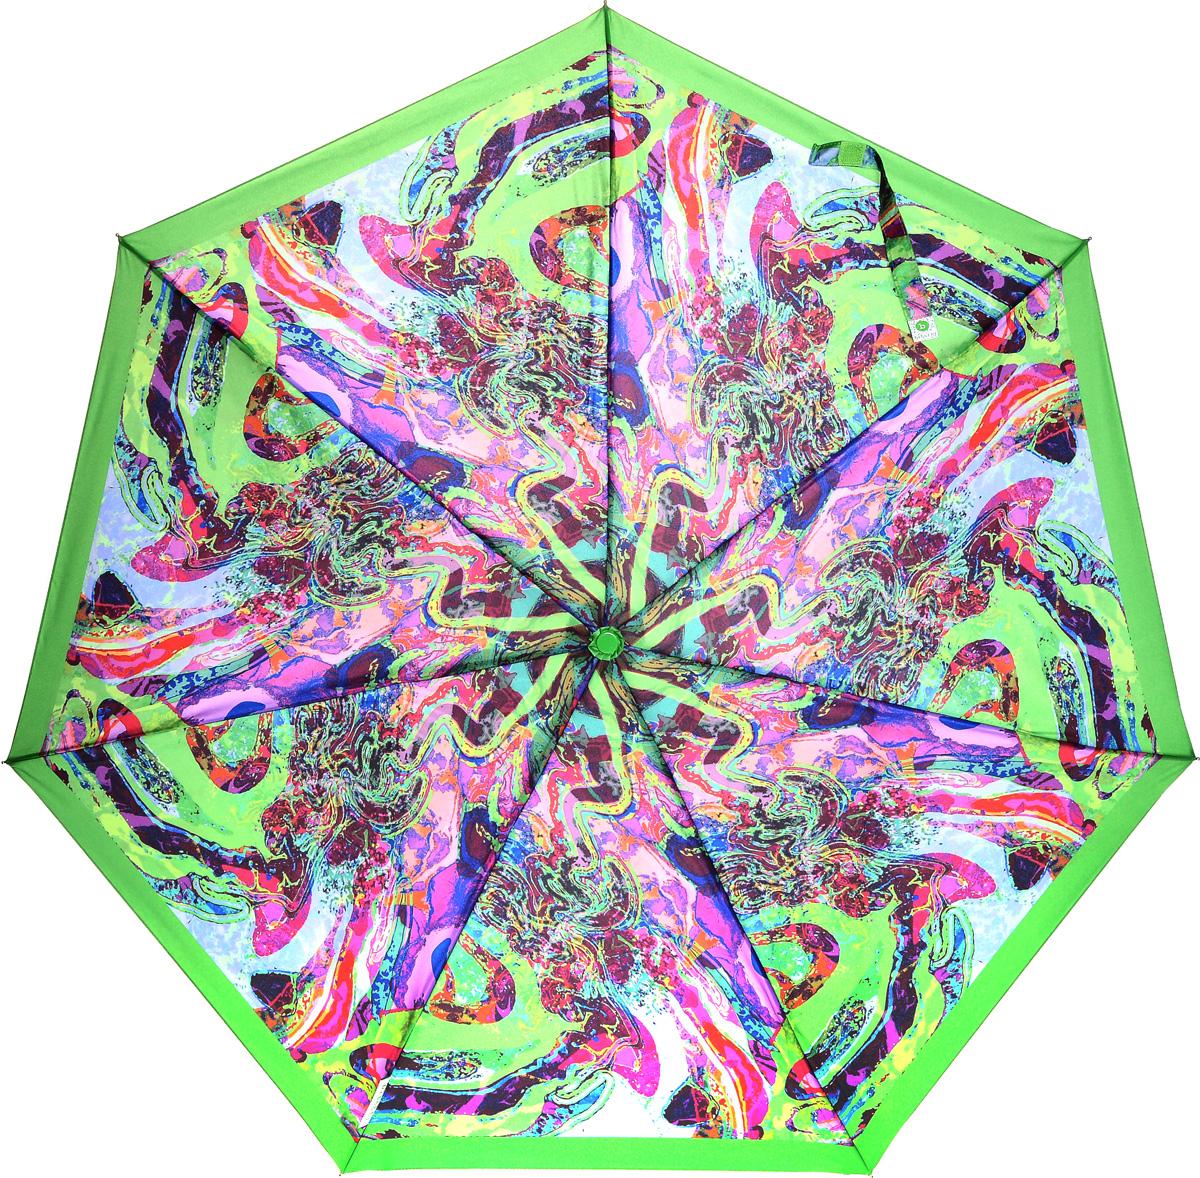 Bisetti 35153-2 Зонт полный автом. 3 сл. жен.П300020005-9Зонт испанского производителя Clima. В производстве зонтов используются современные материалы, что делает зонты легкими, но в то же время крепкими.Полный автомат, 3 сложения, 8 спиц по 54см, полиэстер.